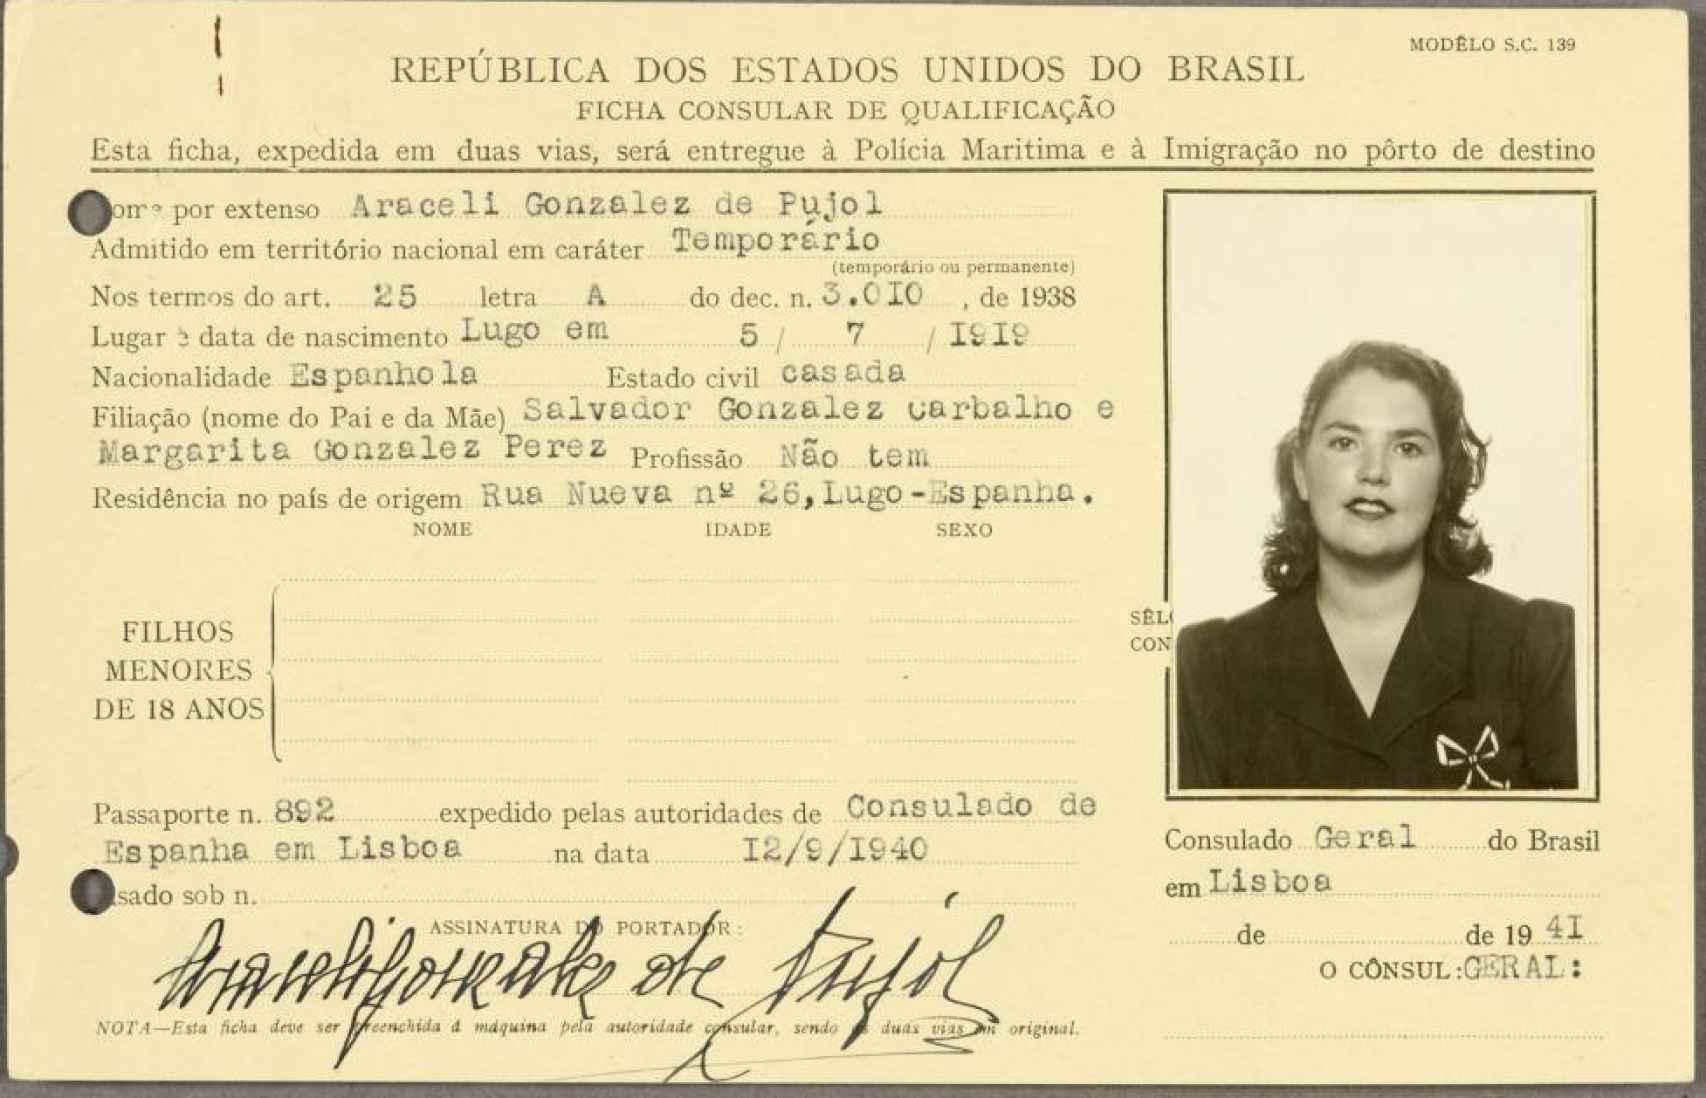 Ficha de identificación de Araceli González, desclasificada por los servicios secretos británicos.